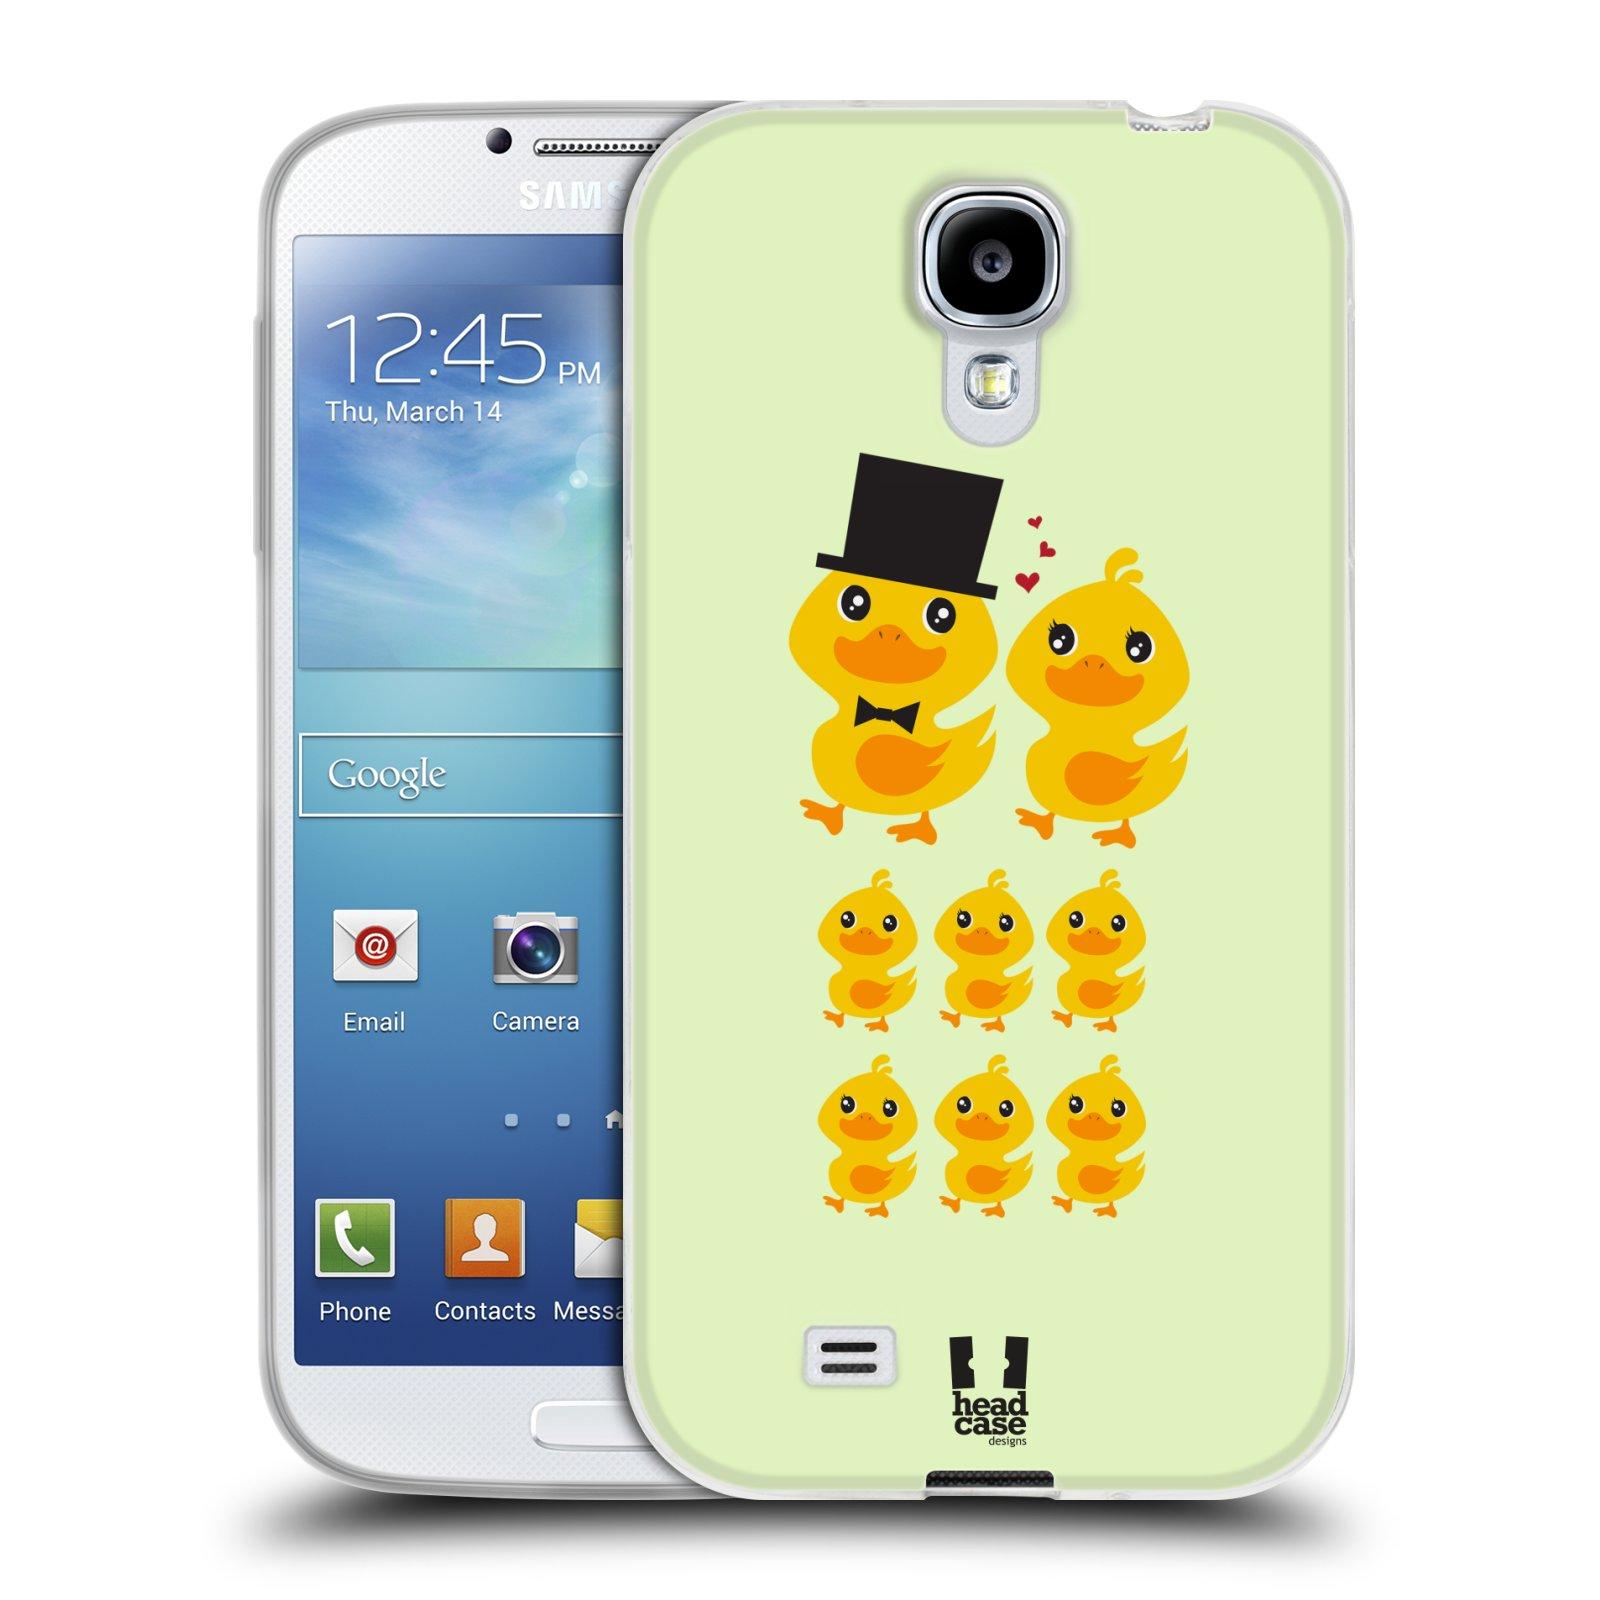 Silikonové pouzdro na mobil Samsung Galaxy S4 HEAD CASE KACHNÍ RODINKA (Silikonový kryt či obal na mobilní telefon Samsung Galaxy S4 GT-i9505 / i9500)